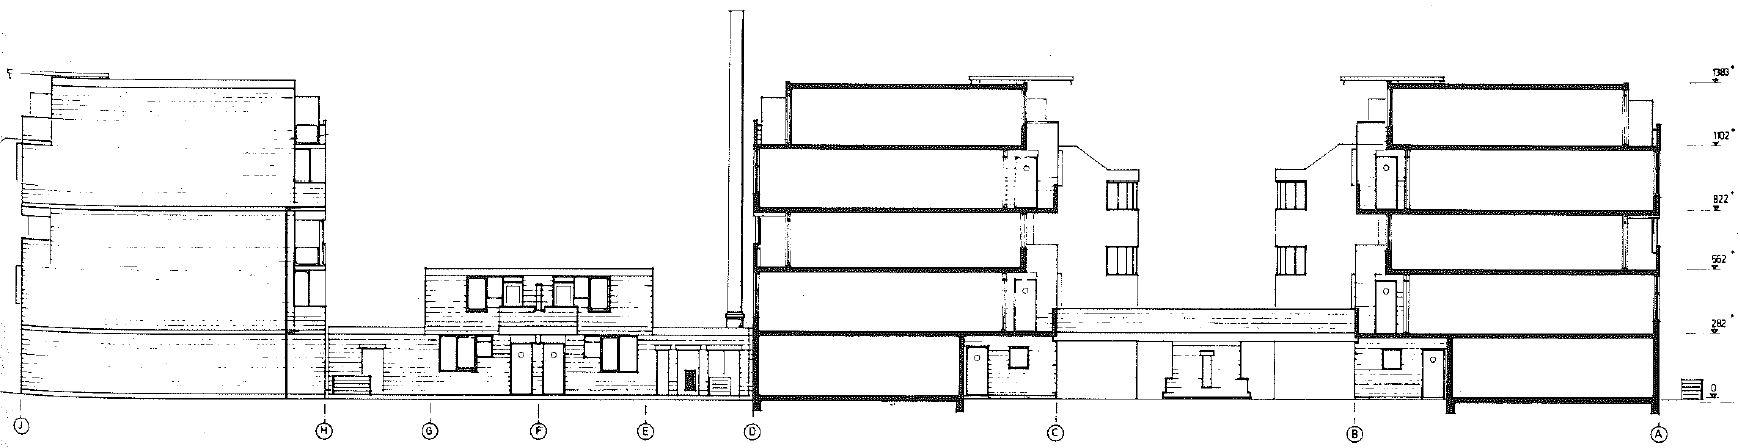 <p>72 woningen aan de Nova Zemblastraat Amsterdam door Girod en Groeneveld</p>